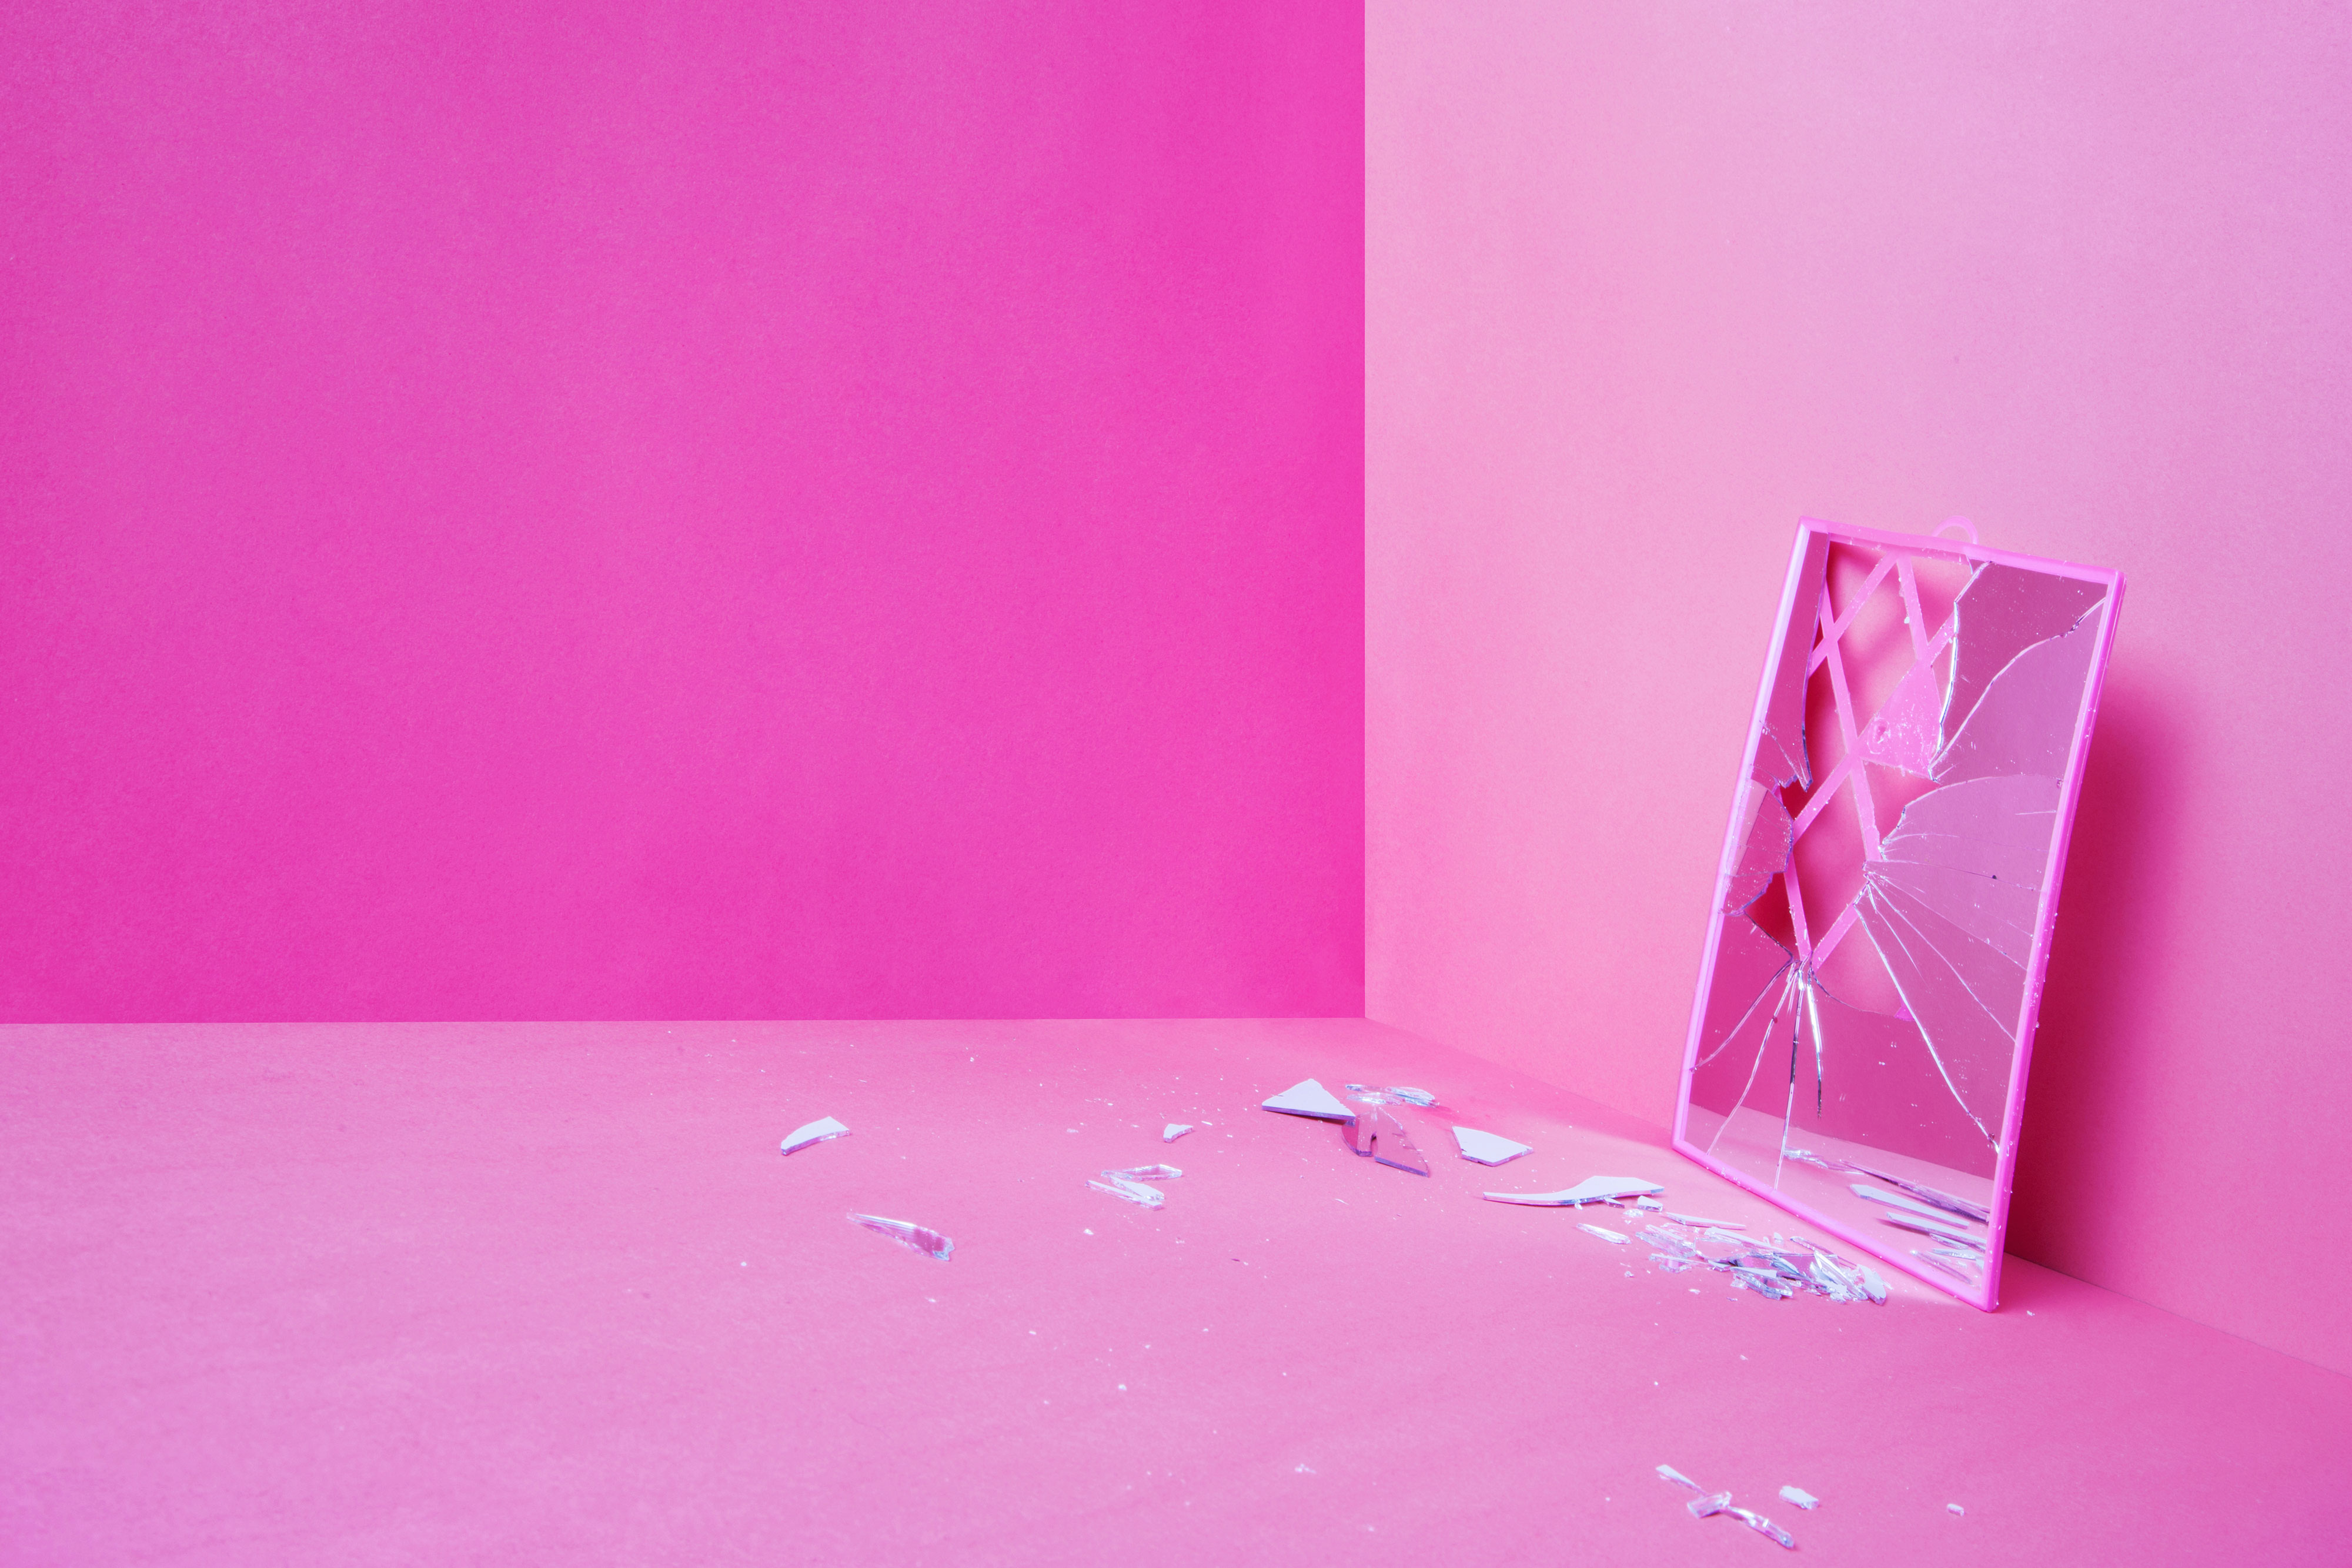 Photos de Ludovica Anzaldi sur la question de la parole des femmes et du harcèlement sexuel. De la nécessité de déconstruire les clichés.